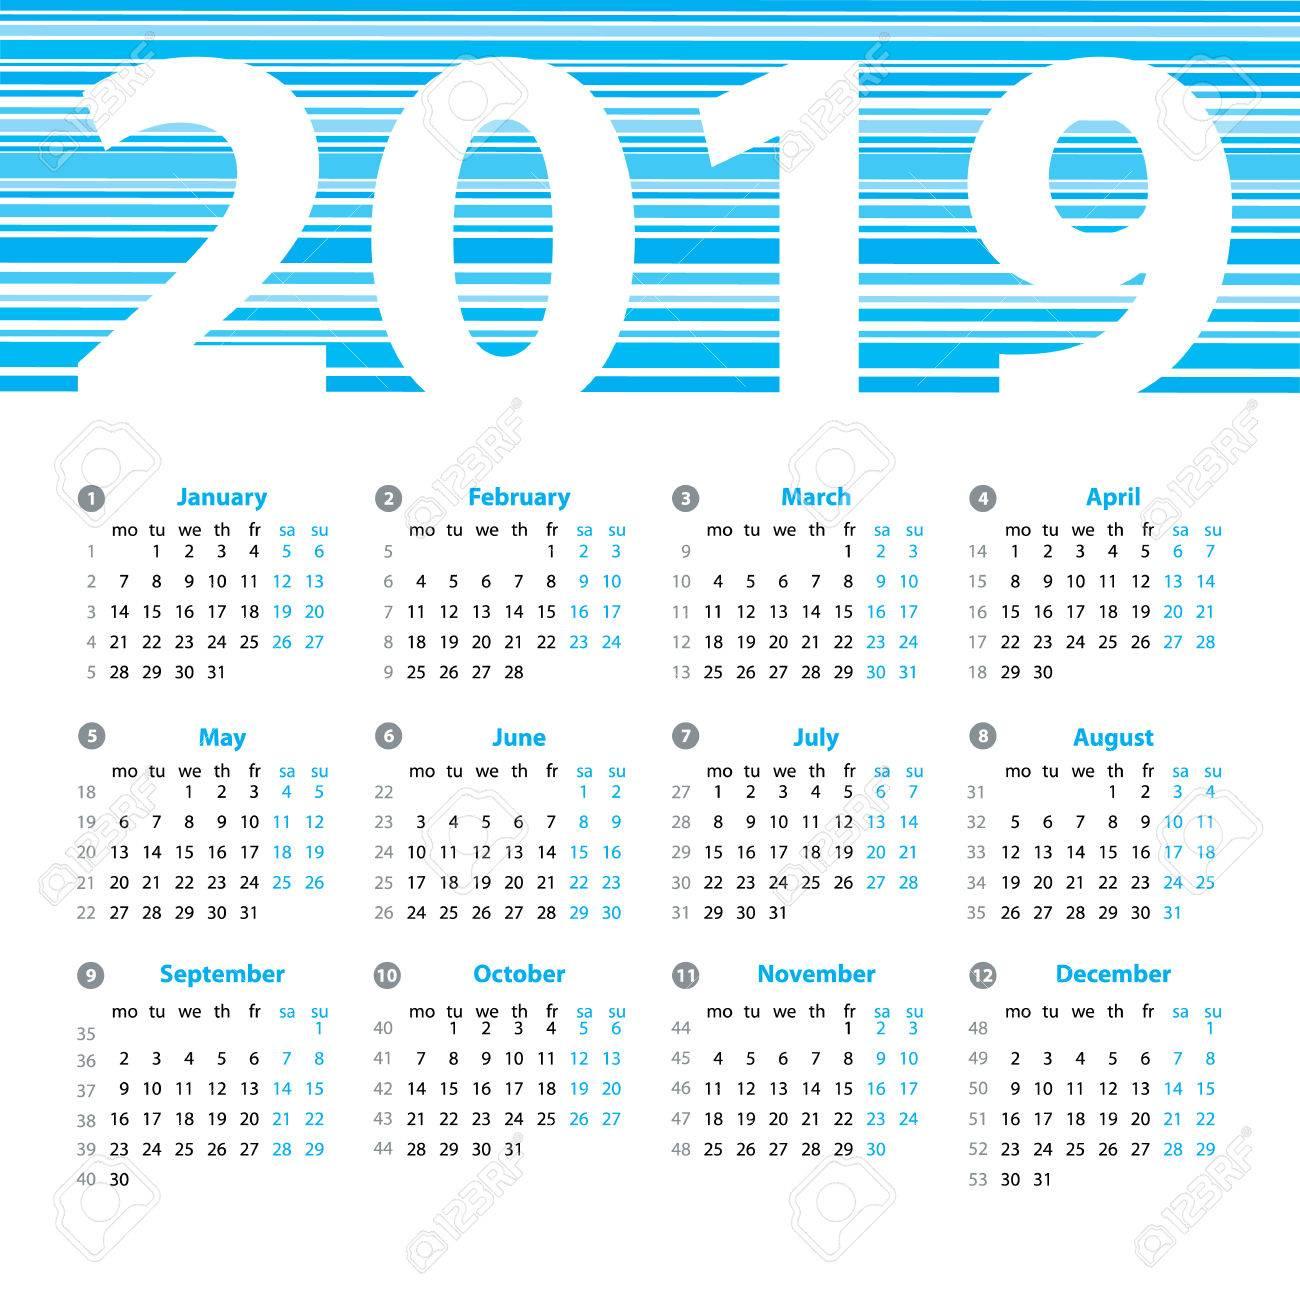 Calendrier 2019 Années Modèle De Dessin Vectoriel Avec Des Numéros De Semaine Et Mois Belle Conception De Vecteur